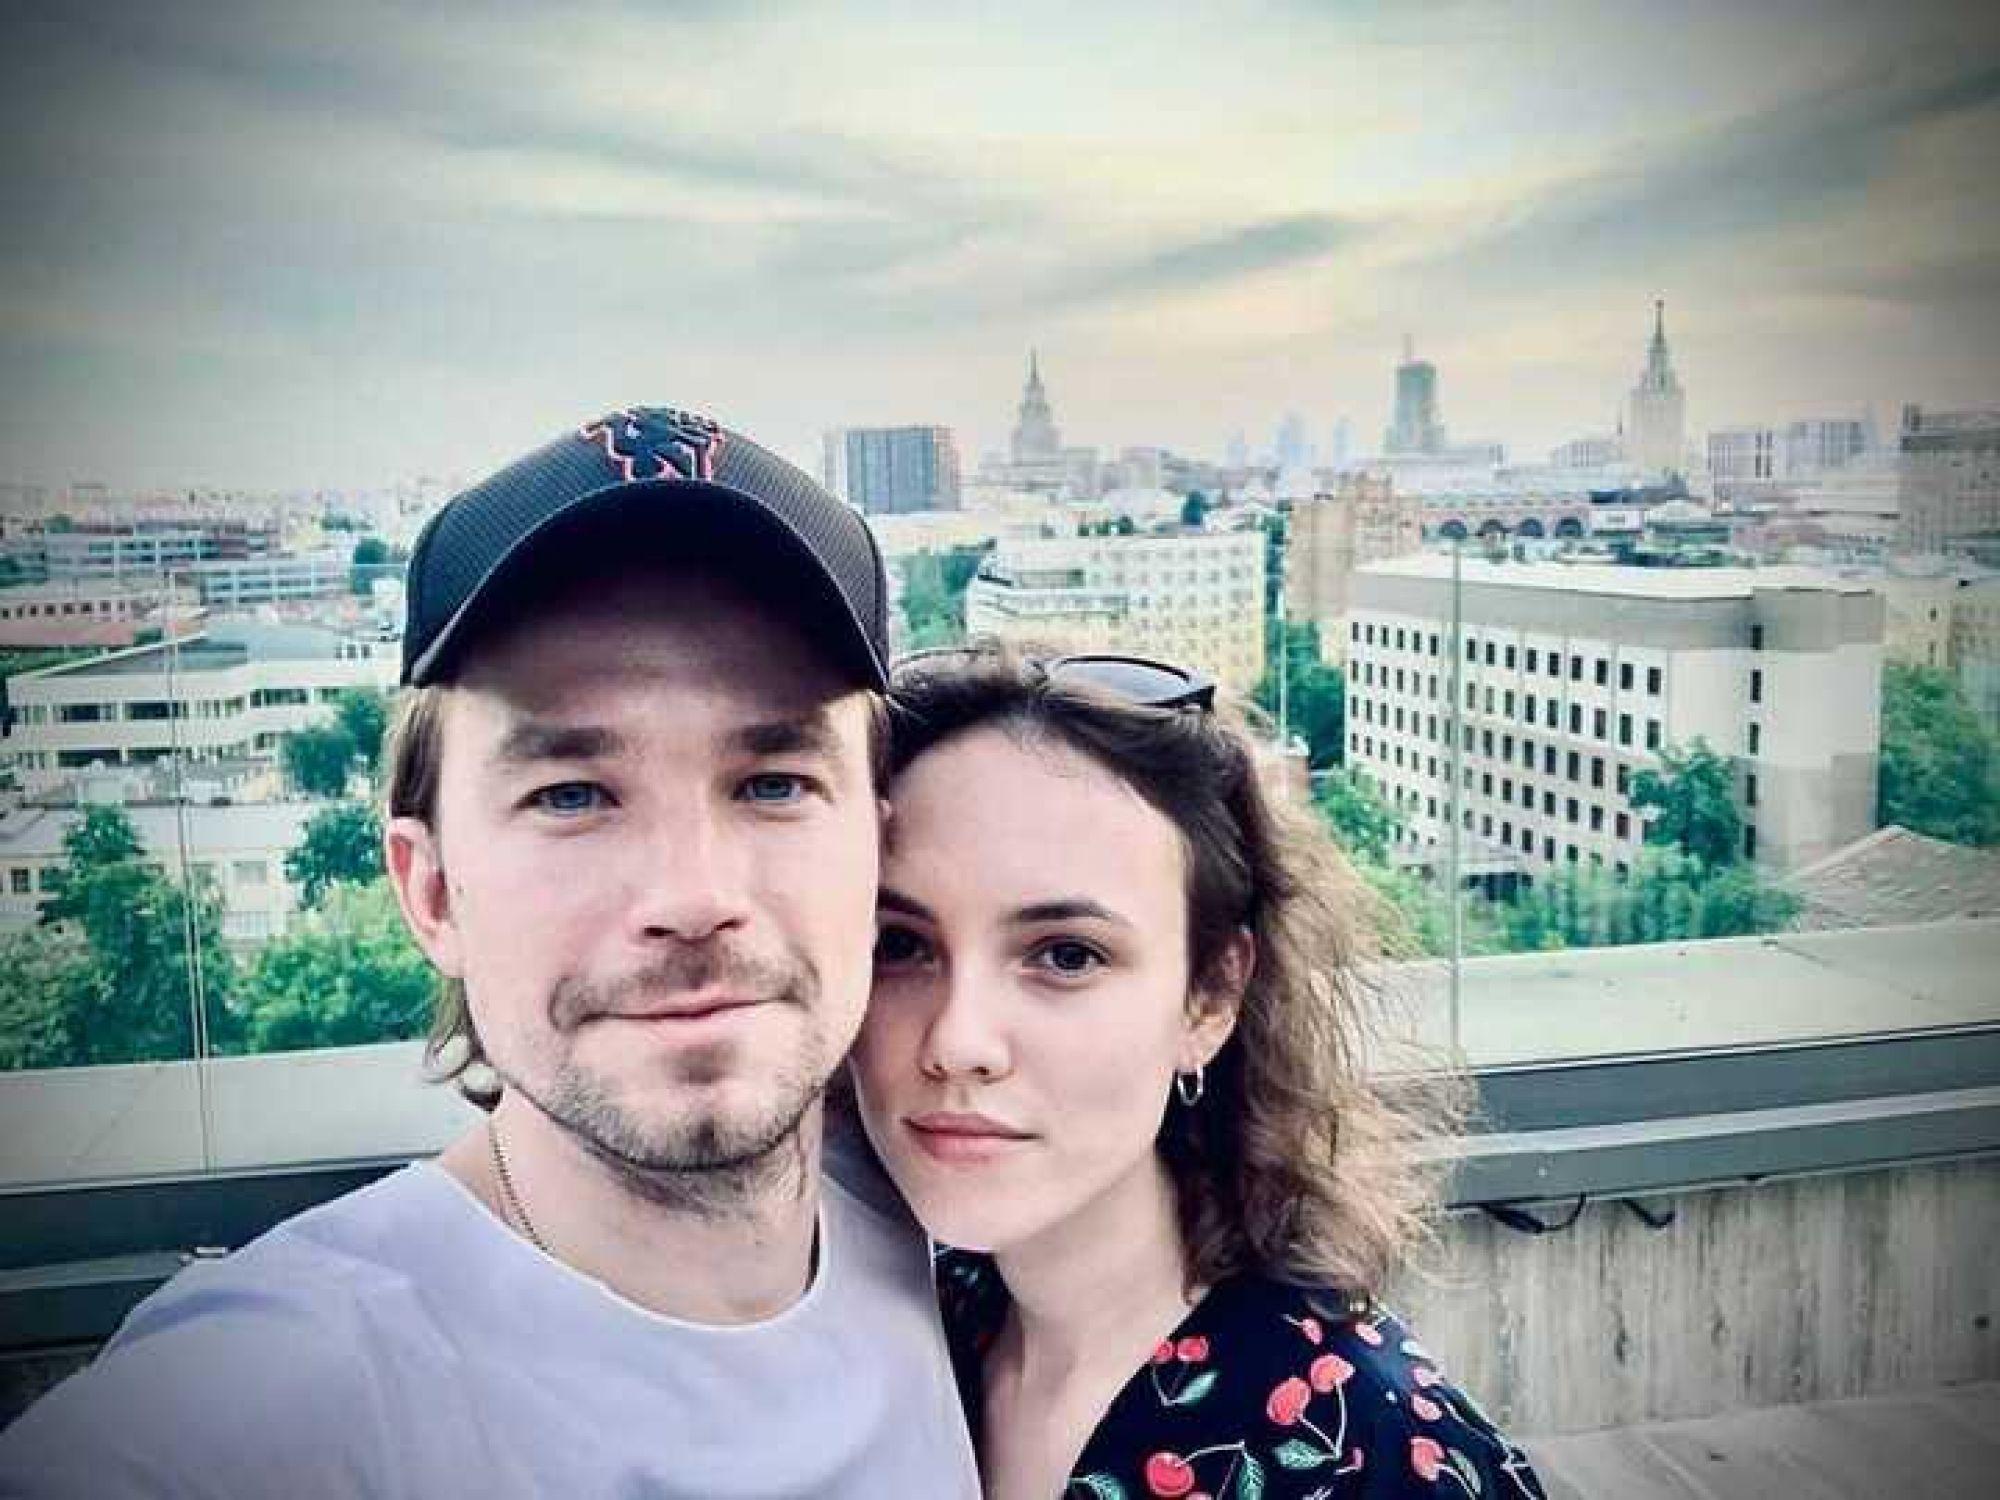 Александр Петров продолжает неустанно признаваться в любви Стасе Милославской